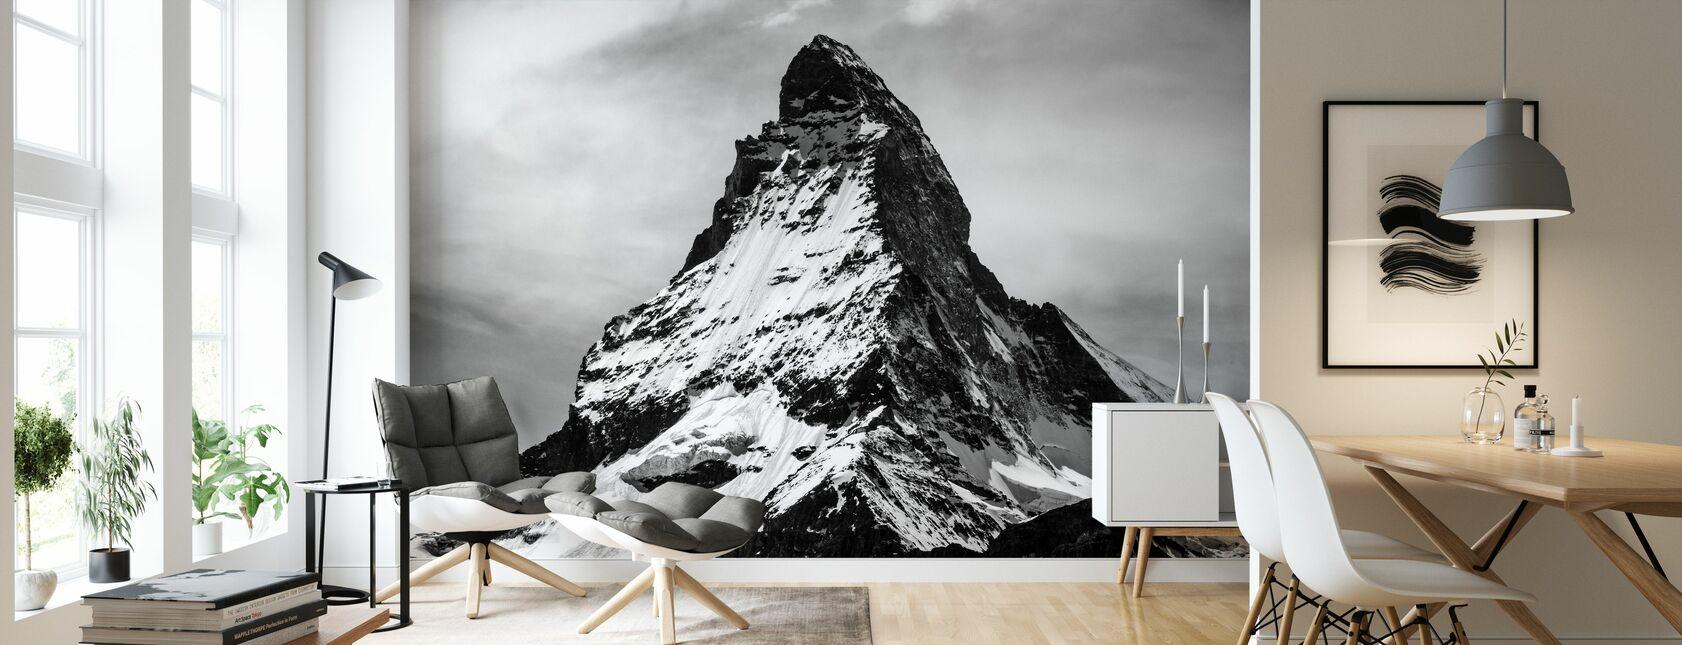 Top van de berg - Behang - Woonkamer